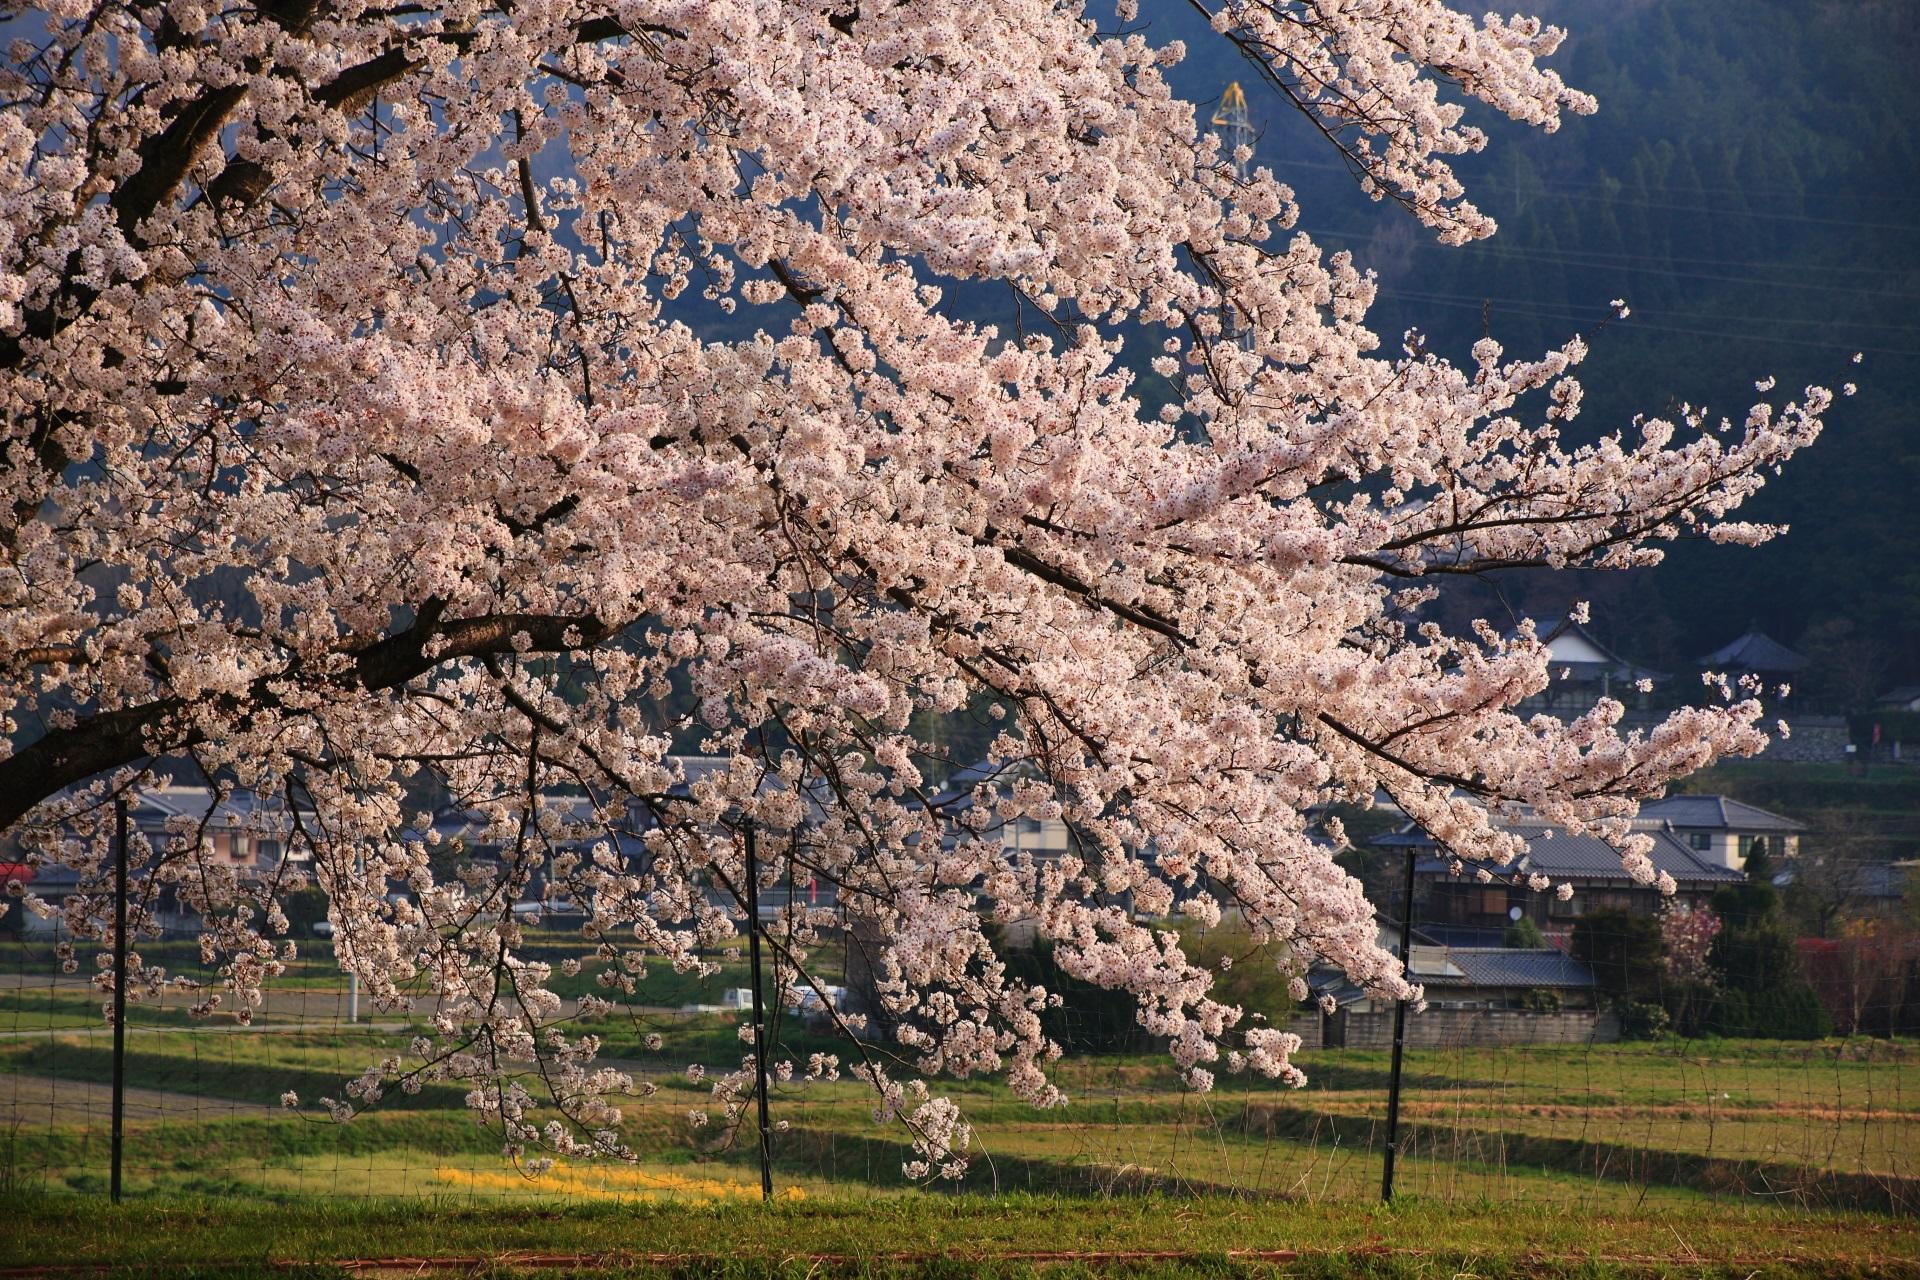 淡い朝の光を浴びる花をいっぱいつけた桜